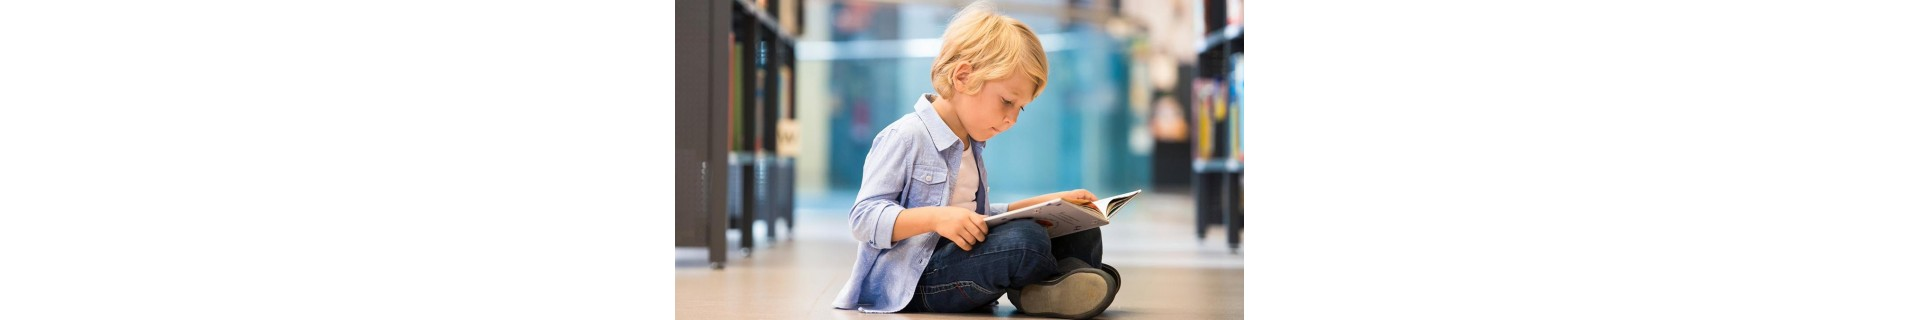 primeros lectores